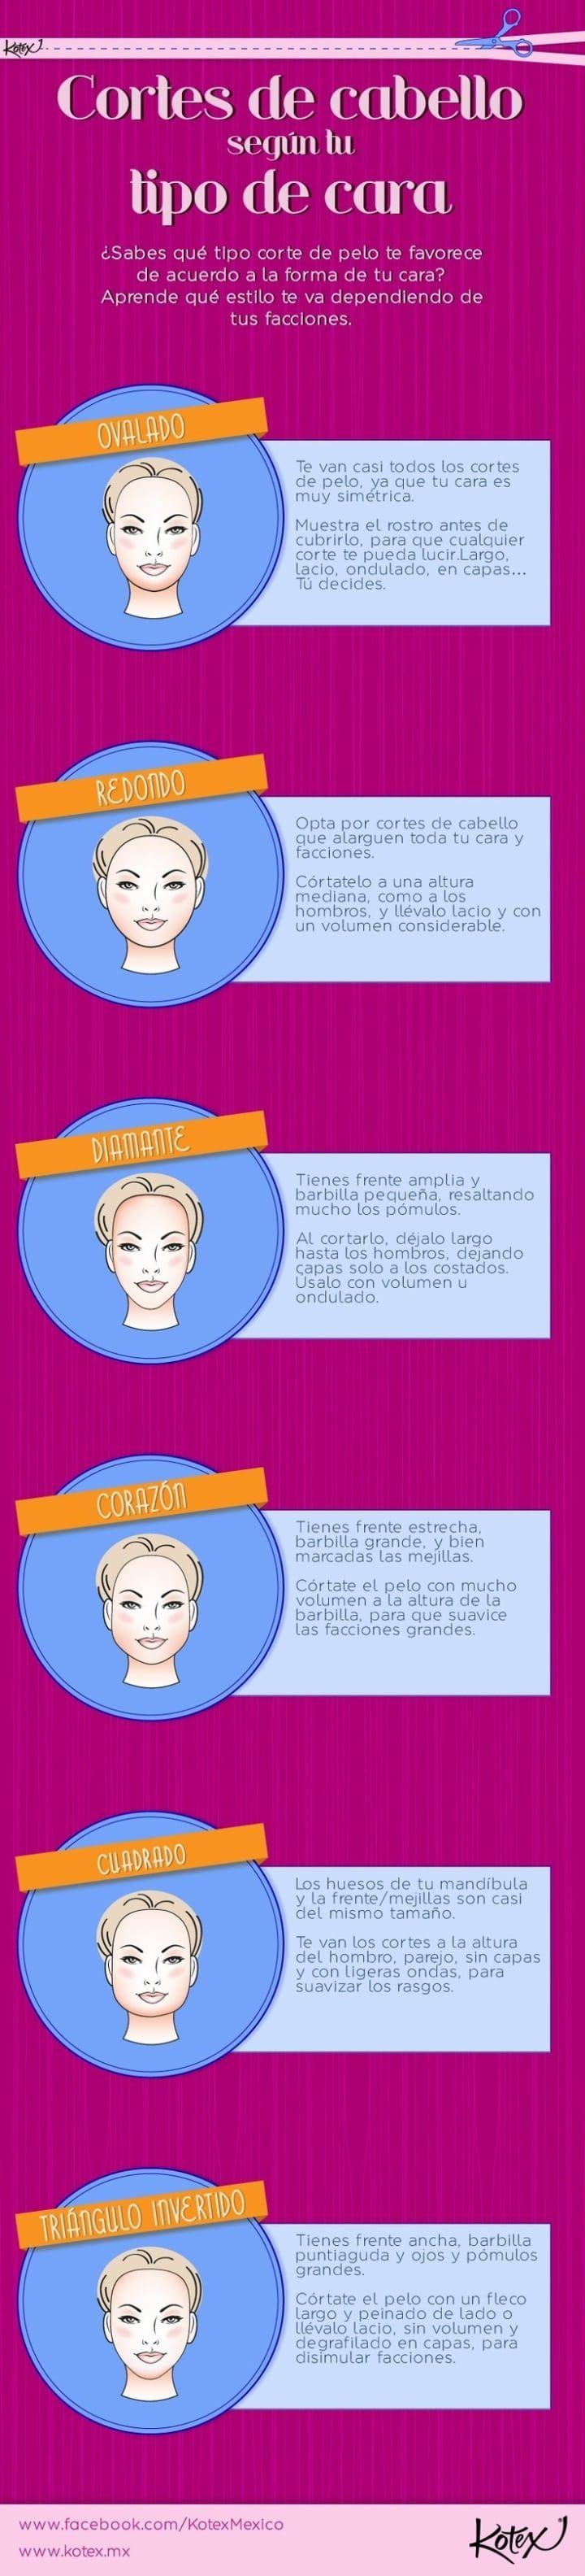 21 Datos gráficos que toda mujer necesita saber para verse guapa